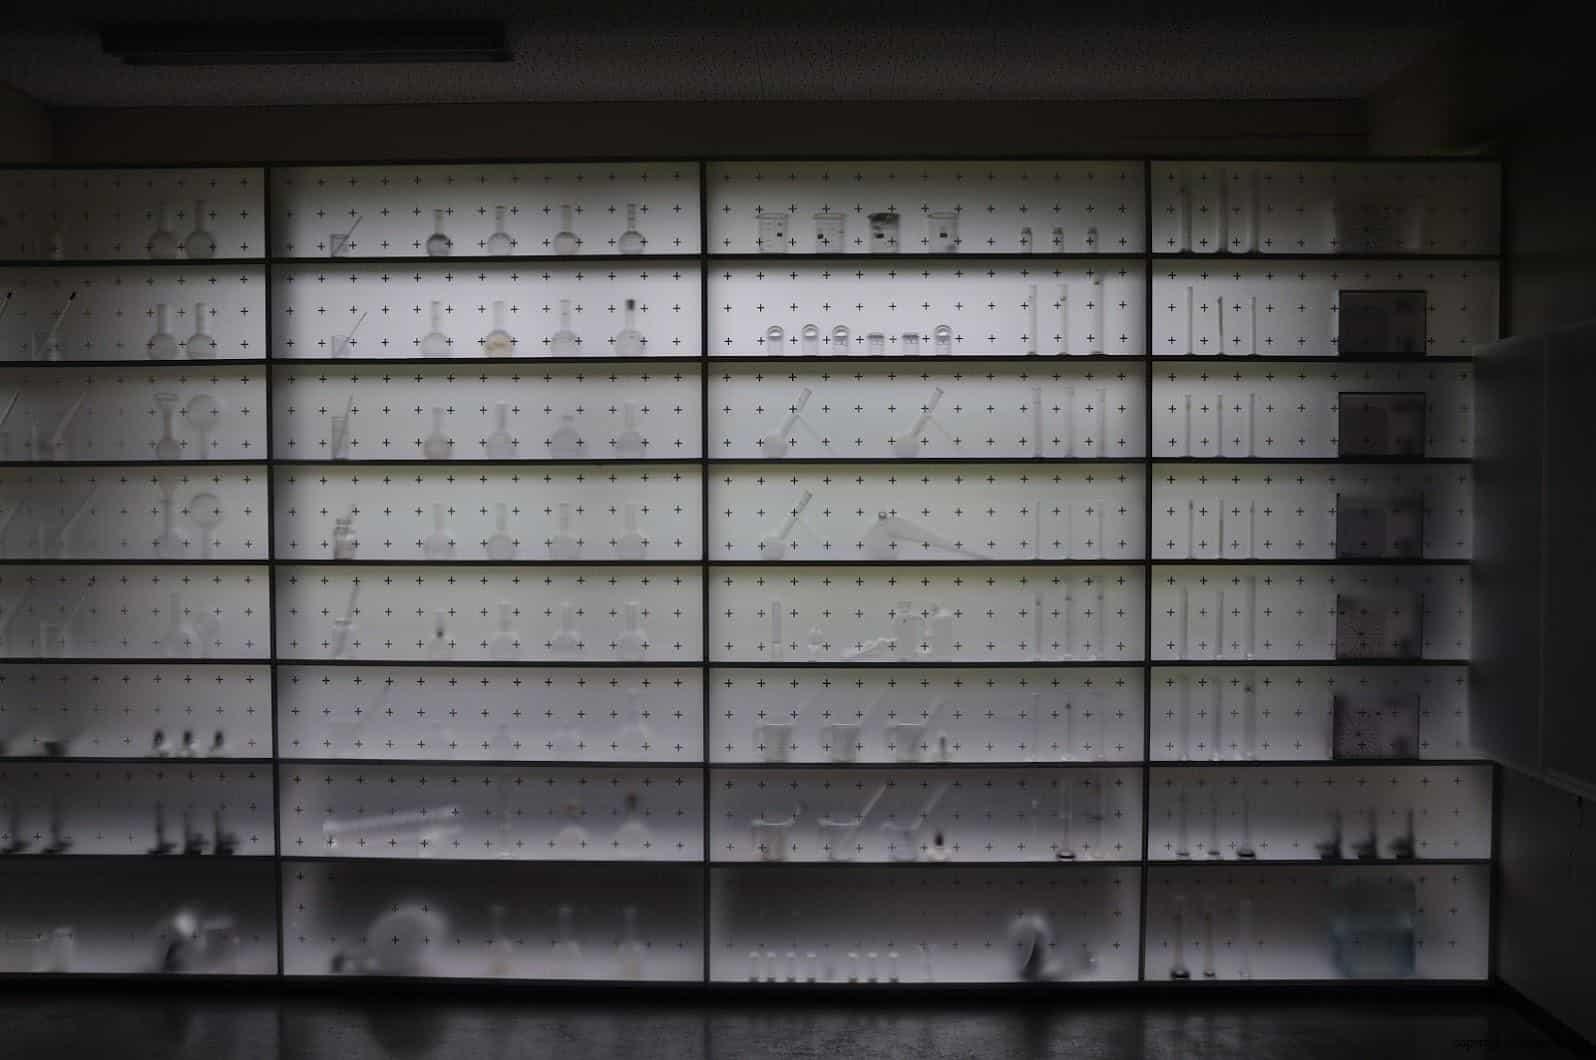 坦雅‧巴達利那,模糊的記憶,在毛玻璃上,透過昏暗的光線,似乎看到了國小科學教室中的實驗器材,回到了那時的回憶中... 模糊的記憶 模糊的記憶/南極雙年展-FRAM號2 stairs to the sky reminiscence vague memory 01